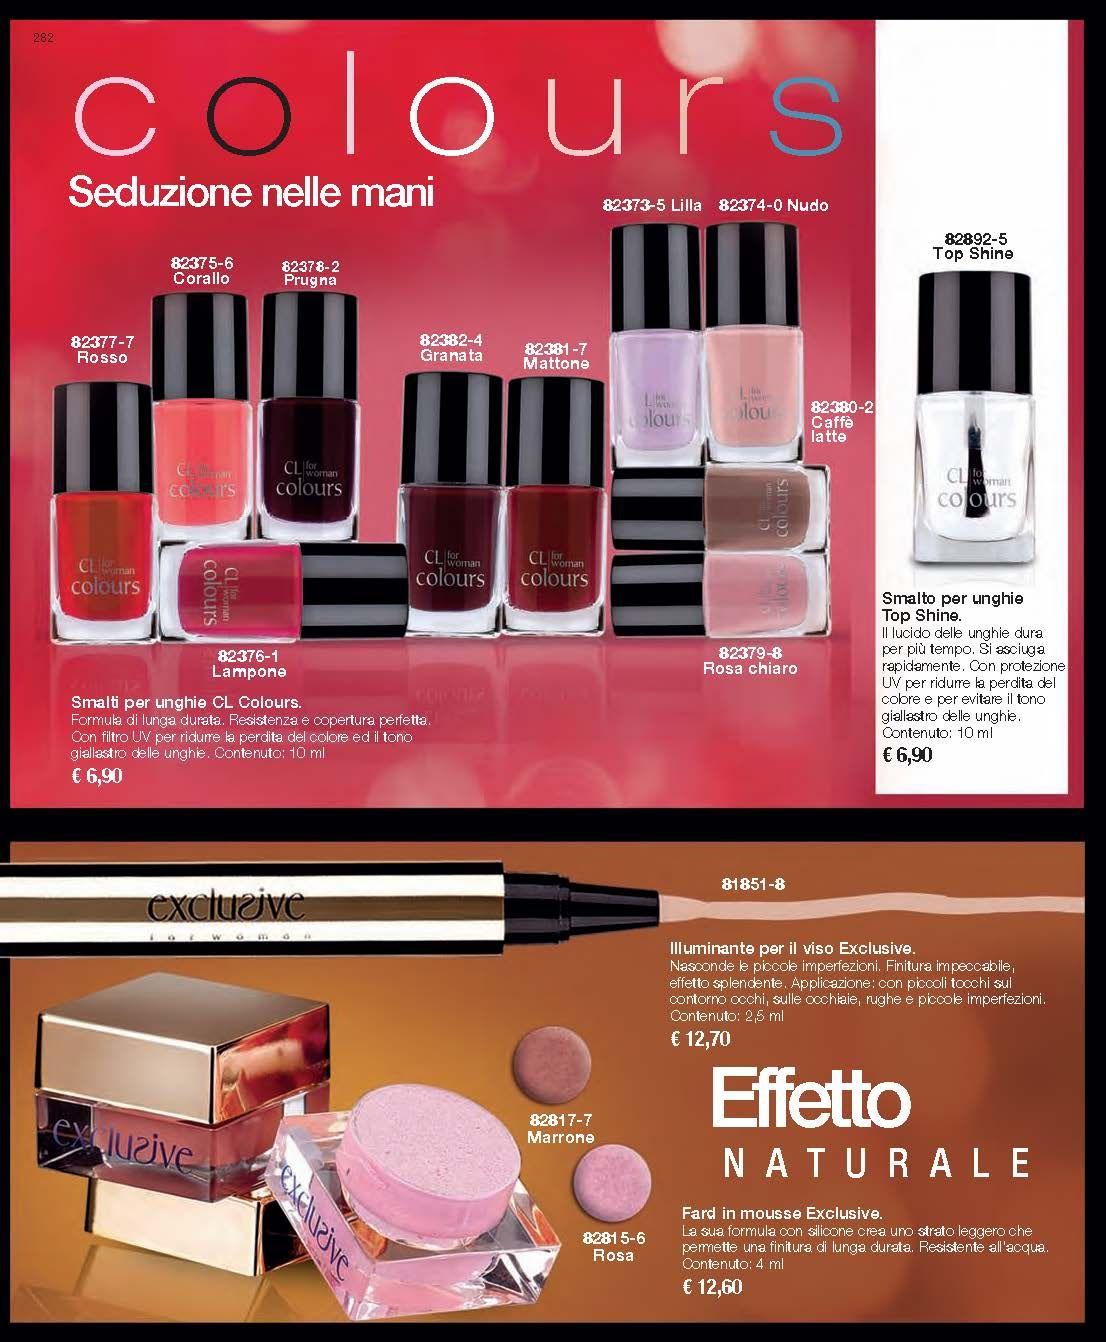 Smalti CL Colours  + Illuminante viso Exclusive - General Book III/2014 Cristian Lay http://www.cristianlayitalia.it/general-book/